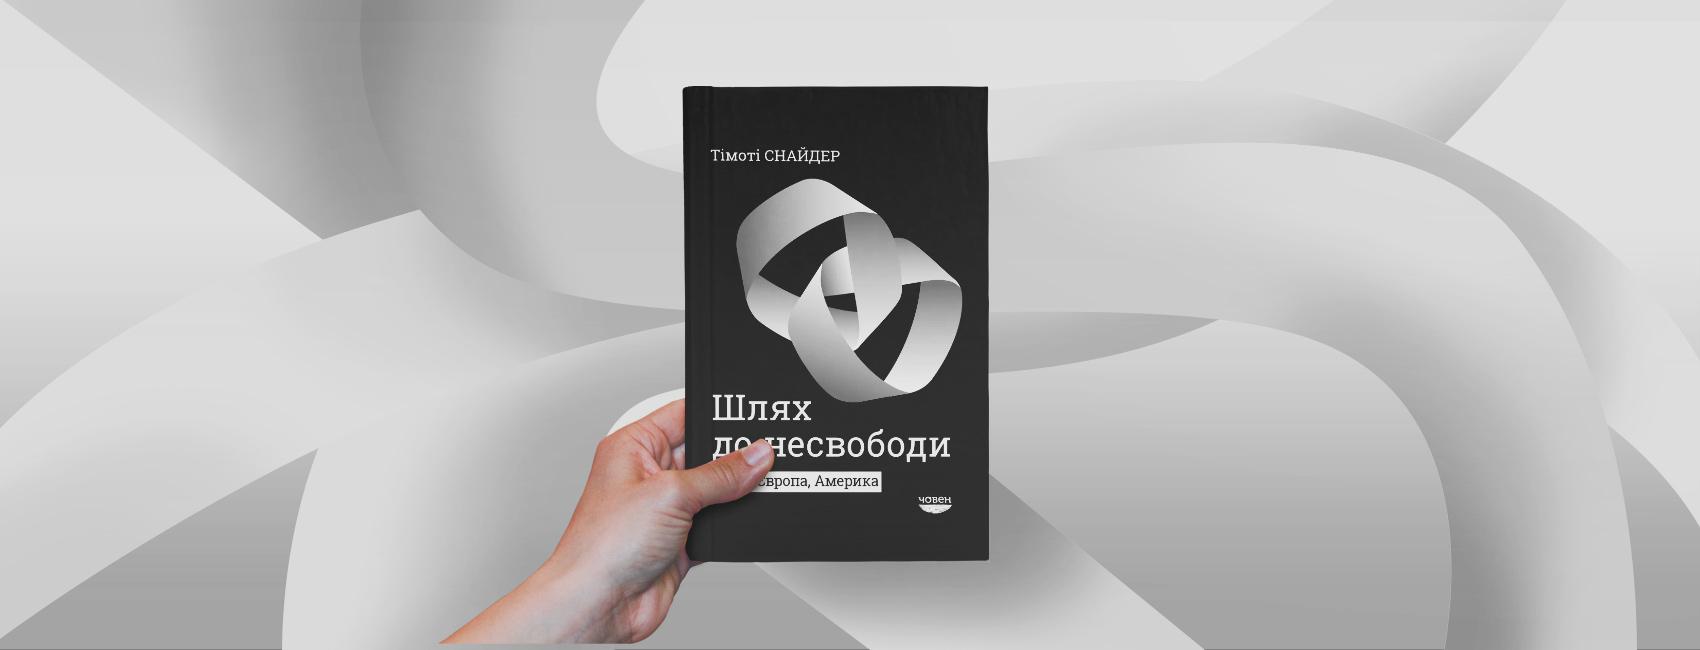 «Шлях до несвободи» Тімоті Снайдера